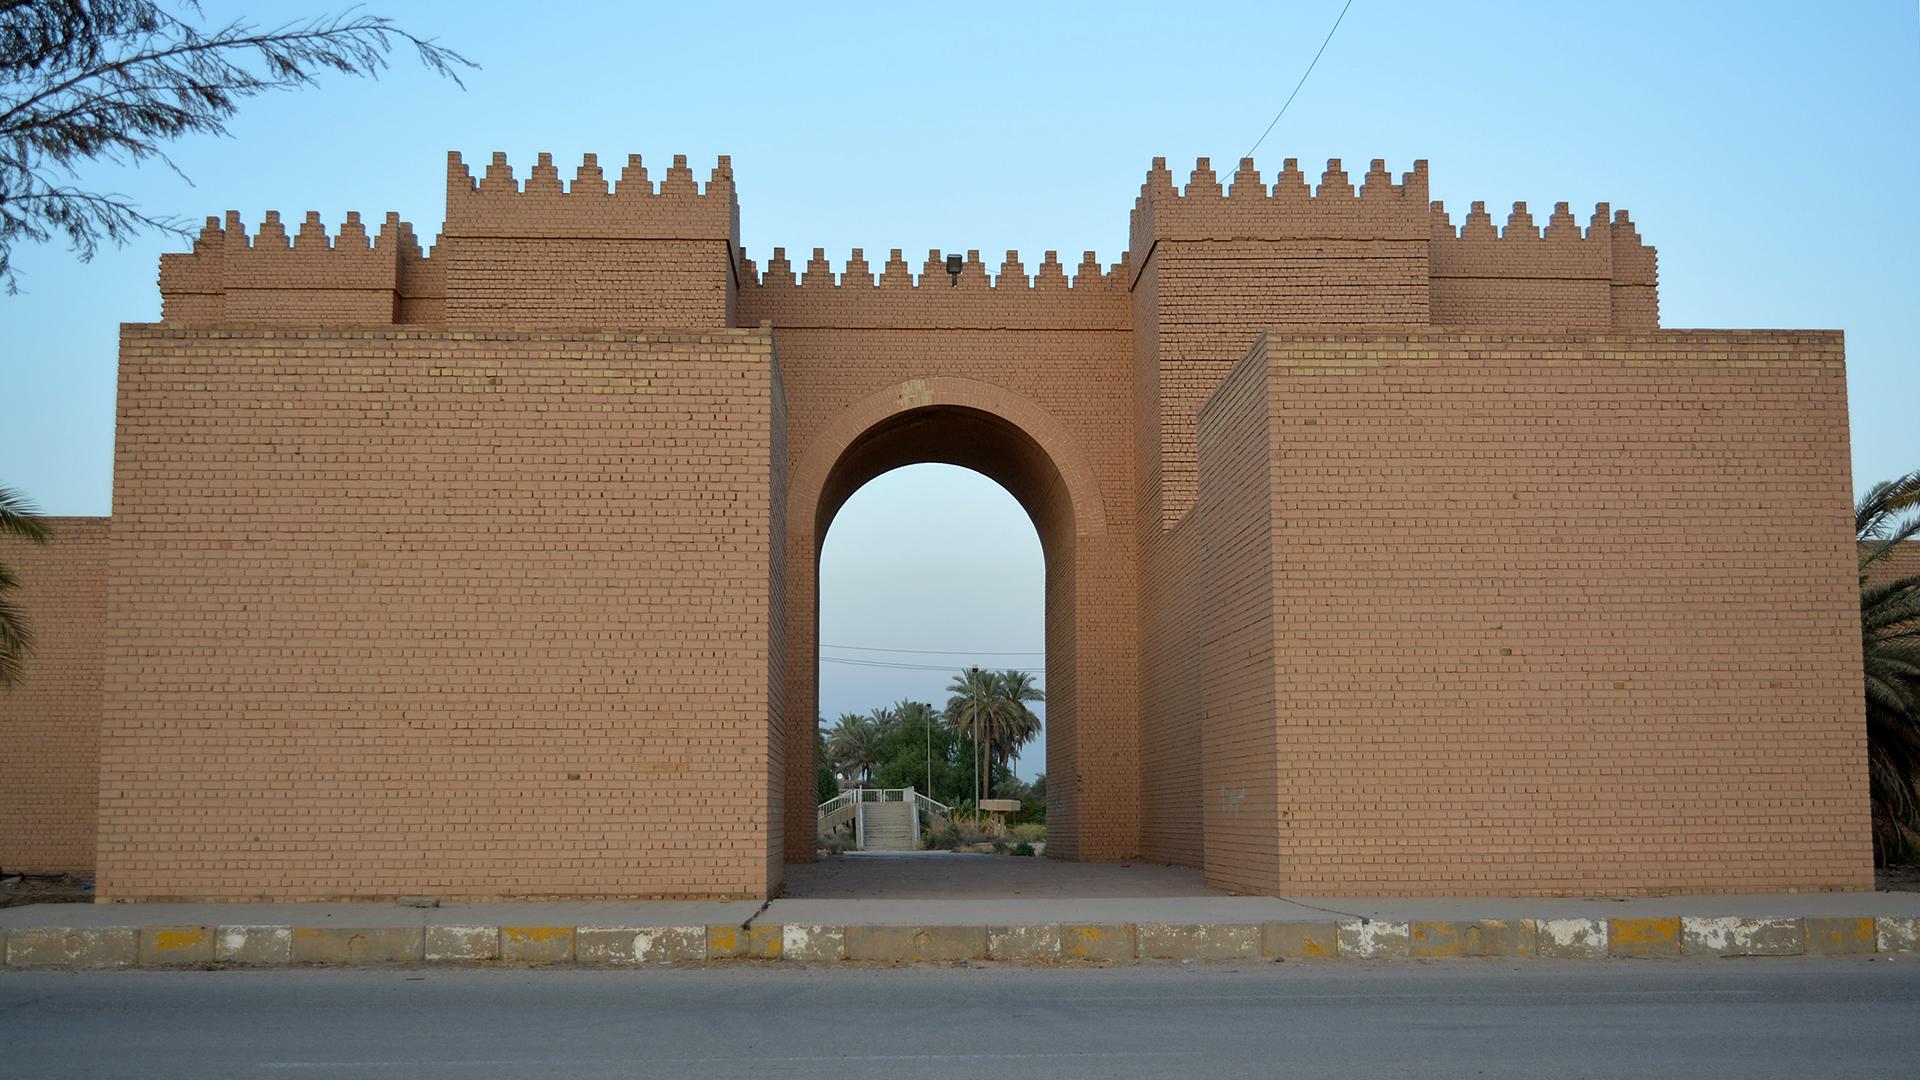 Bildet viser Babylon i Irak, ett av 29 nye verdensarvområder. Foto tatt av Qathan Al-abeed